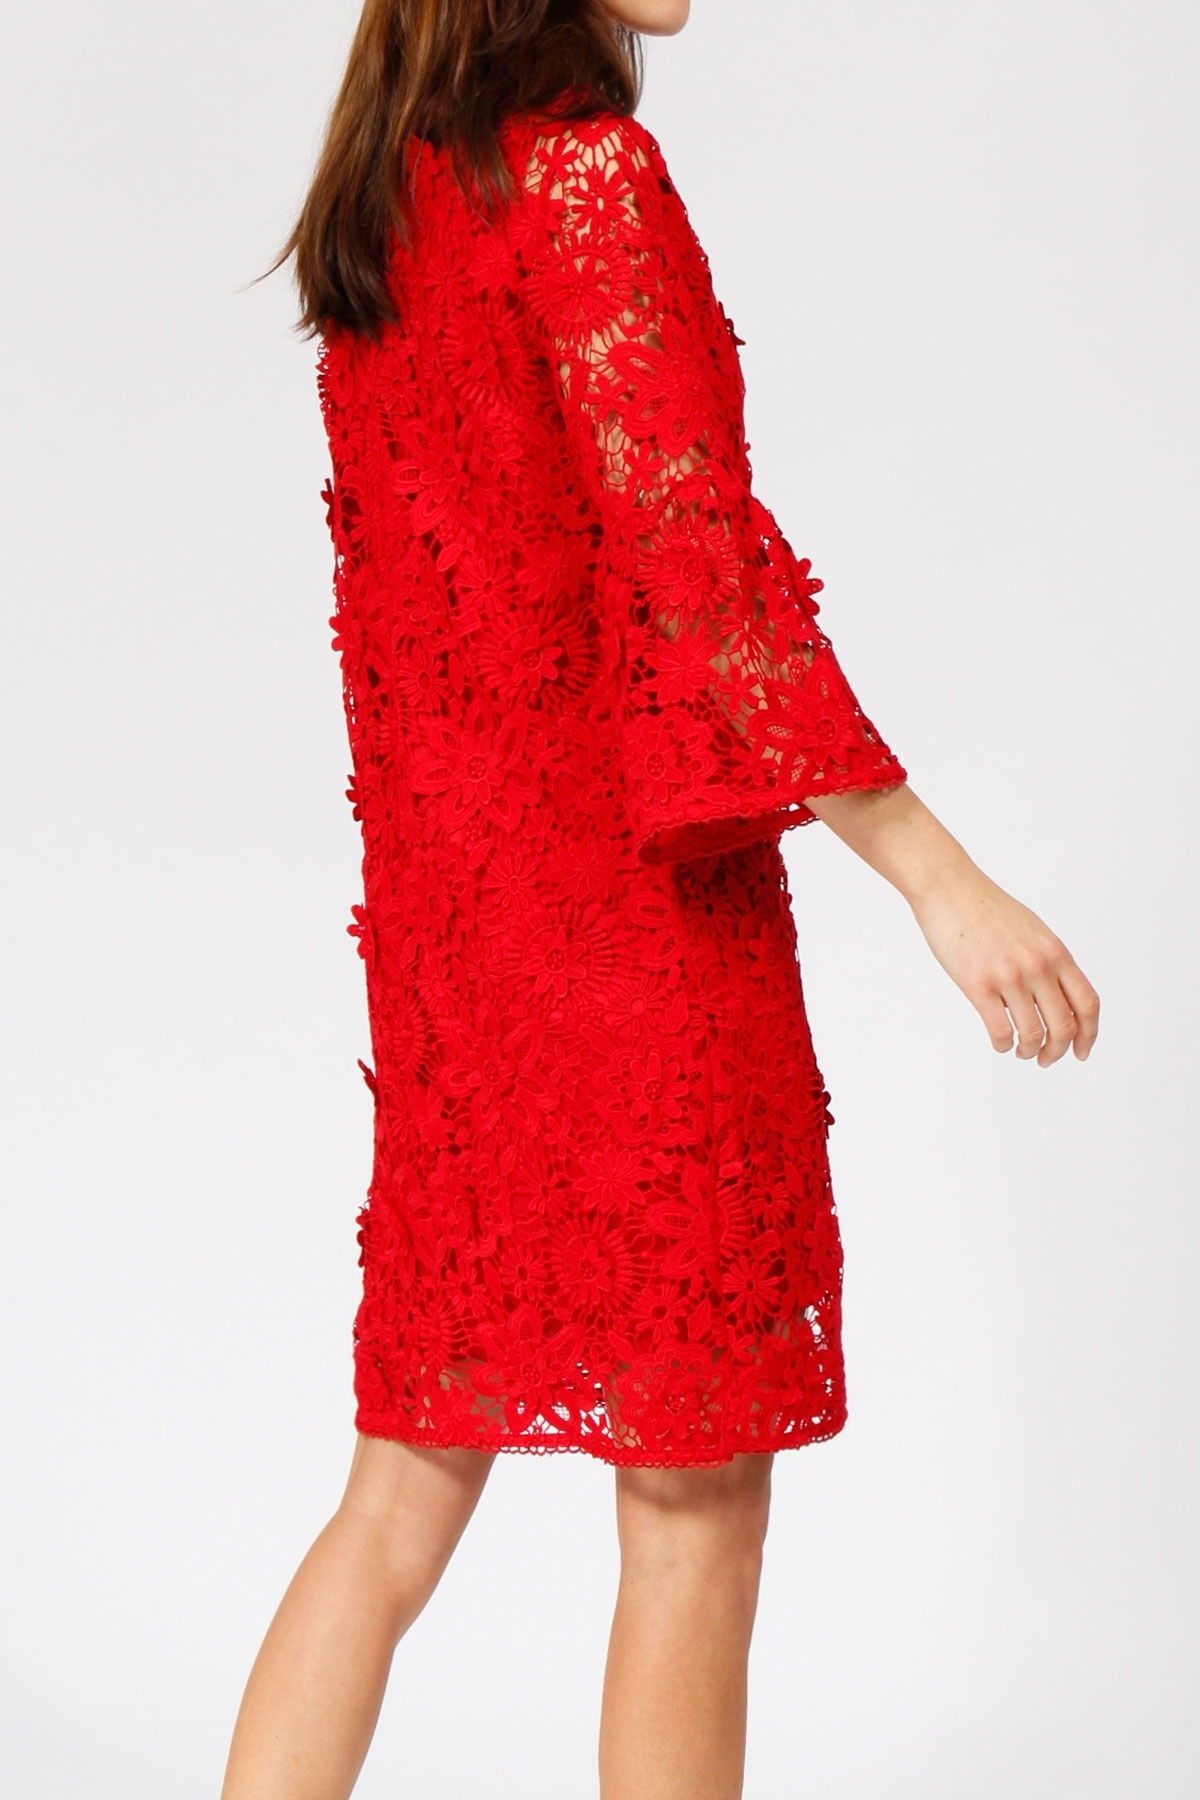 Designer Einfach Nakd Abendkleid Boutique13 Kreativ Nakd Abendkleid Boutique